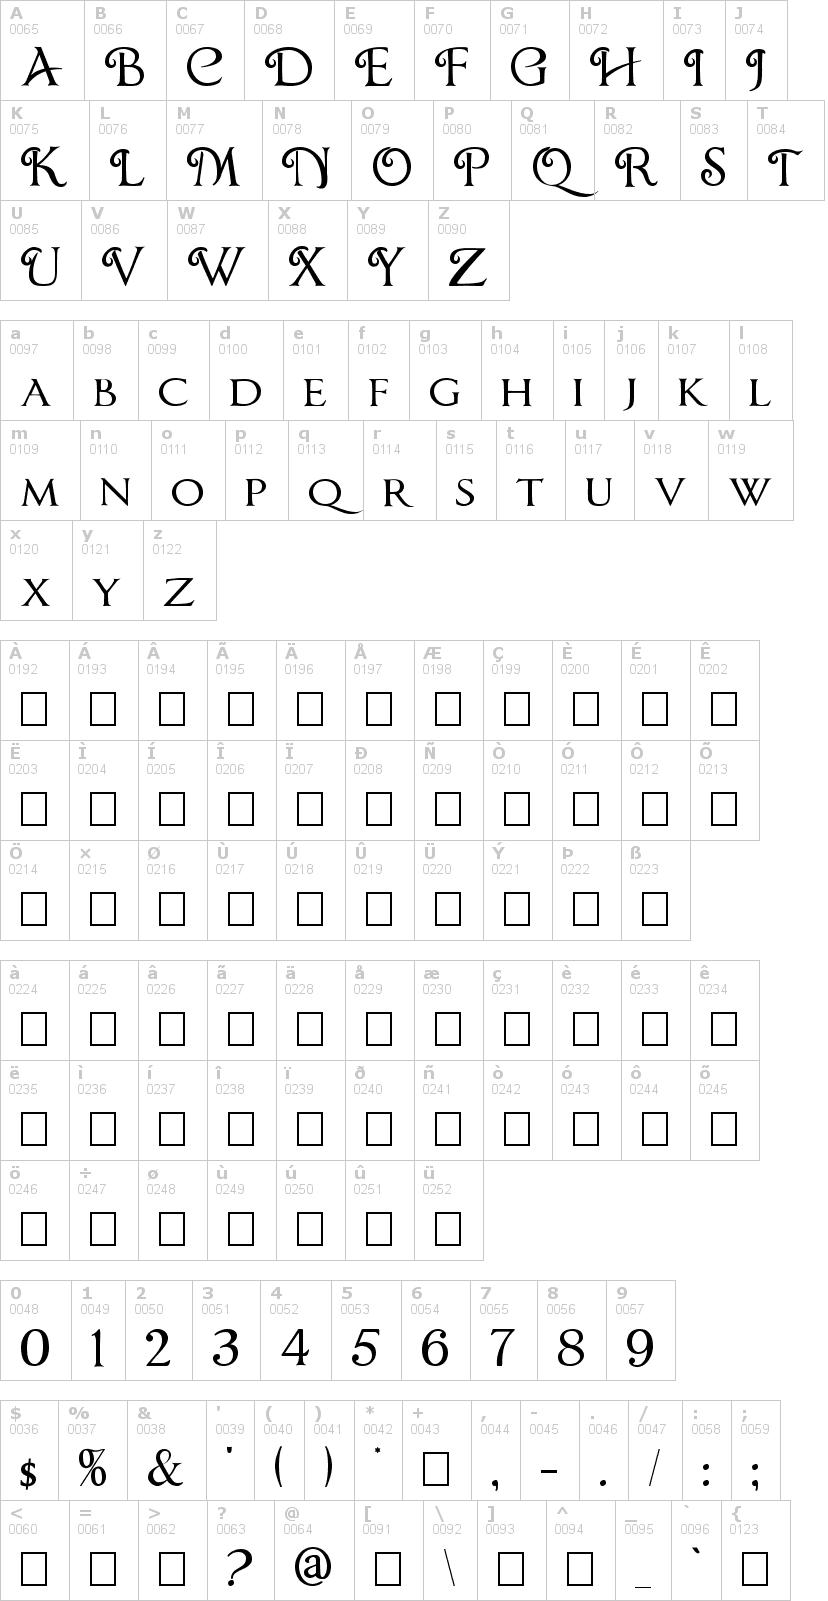 Lettere dell'alfabeto del font chocolate-box con le quali è possibile realizzare adesivi prespaziati